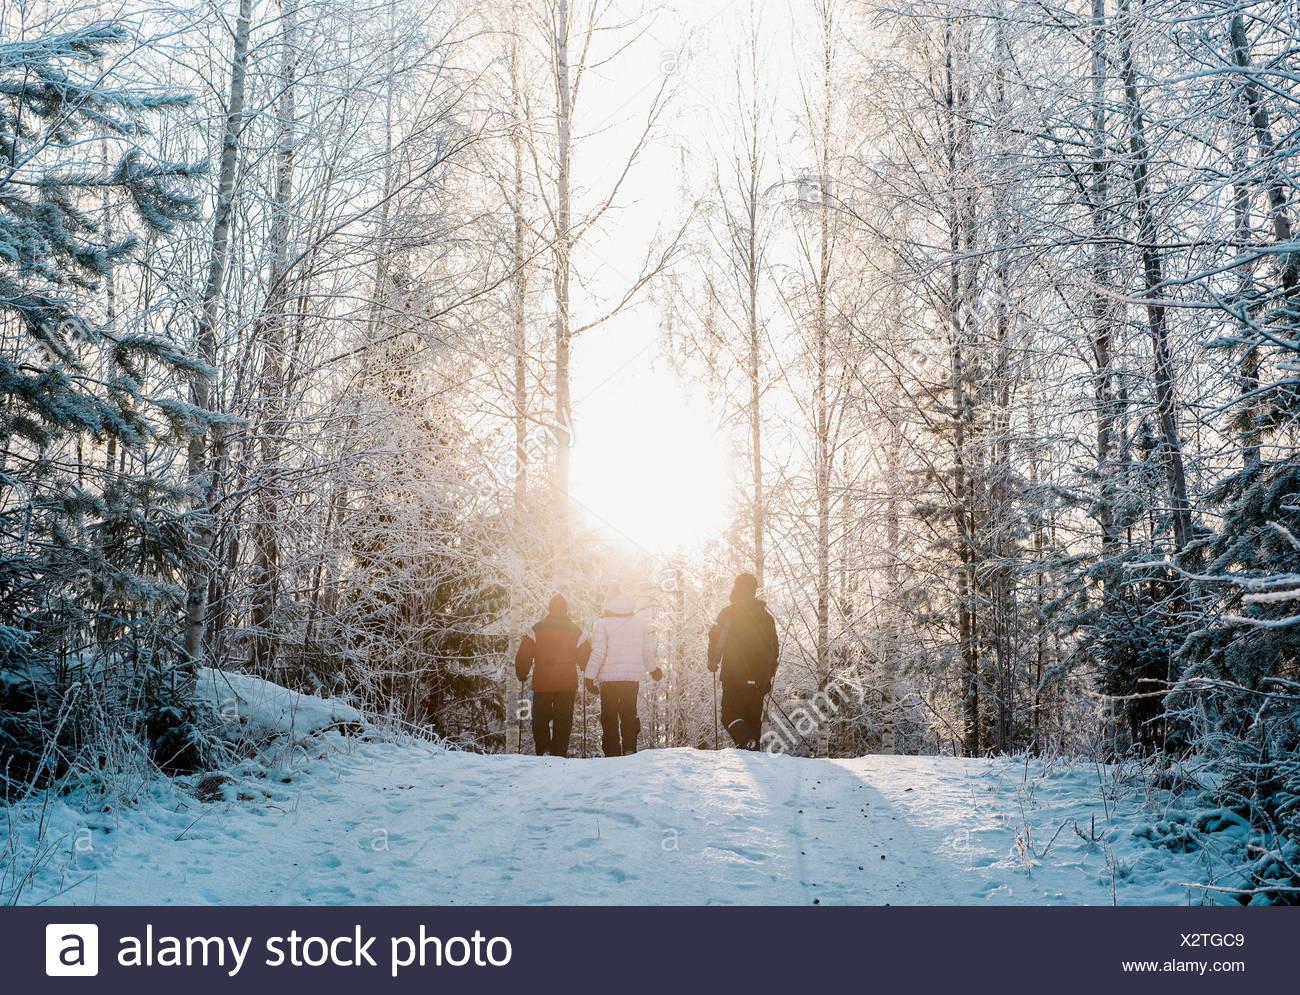 Trois personnes marche nordique dans la forêt couverte de neige Photo Stock